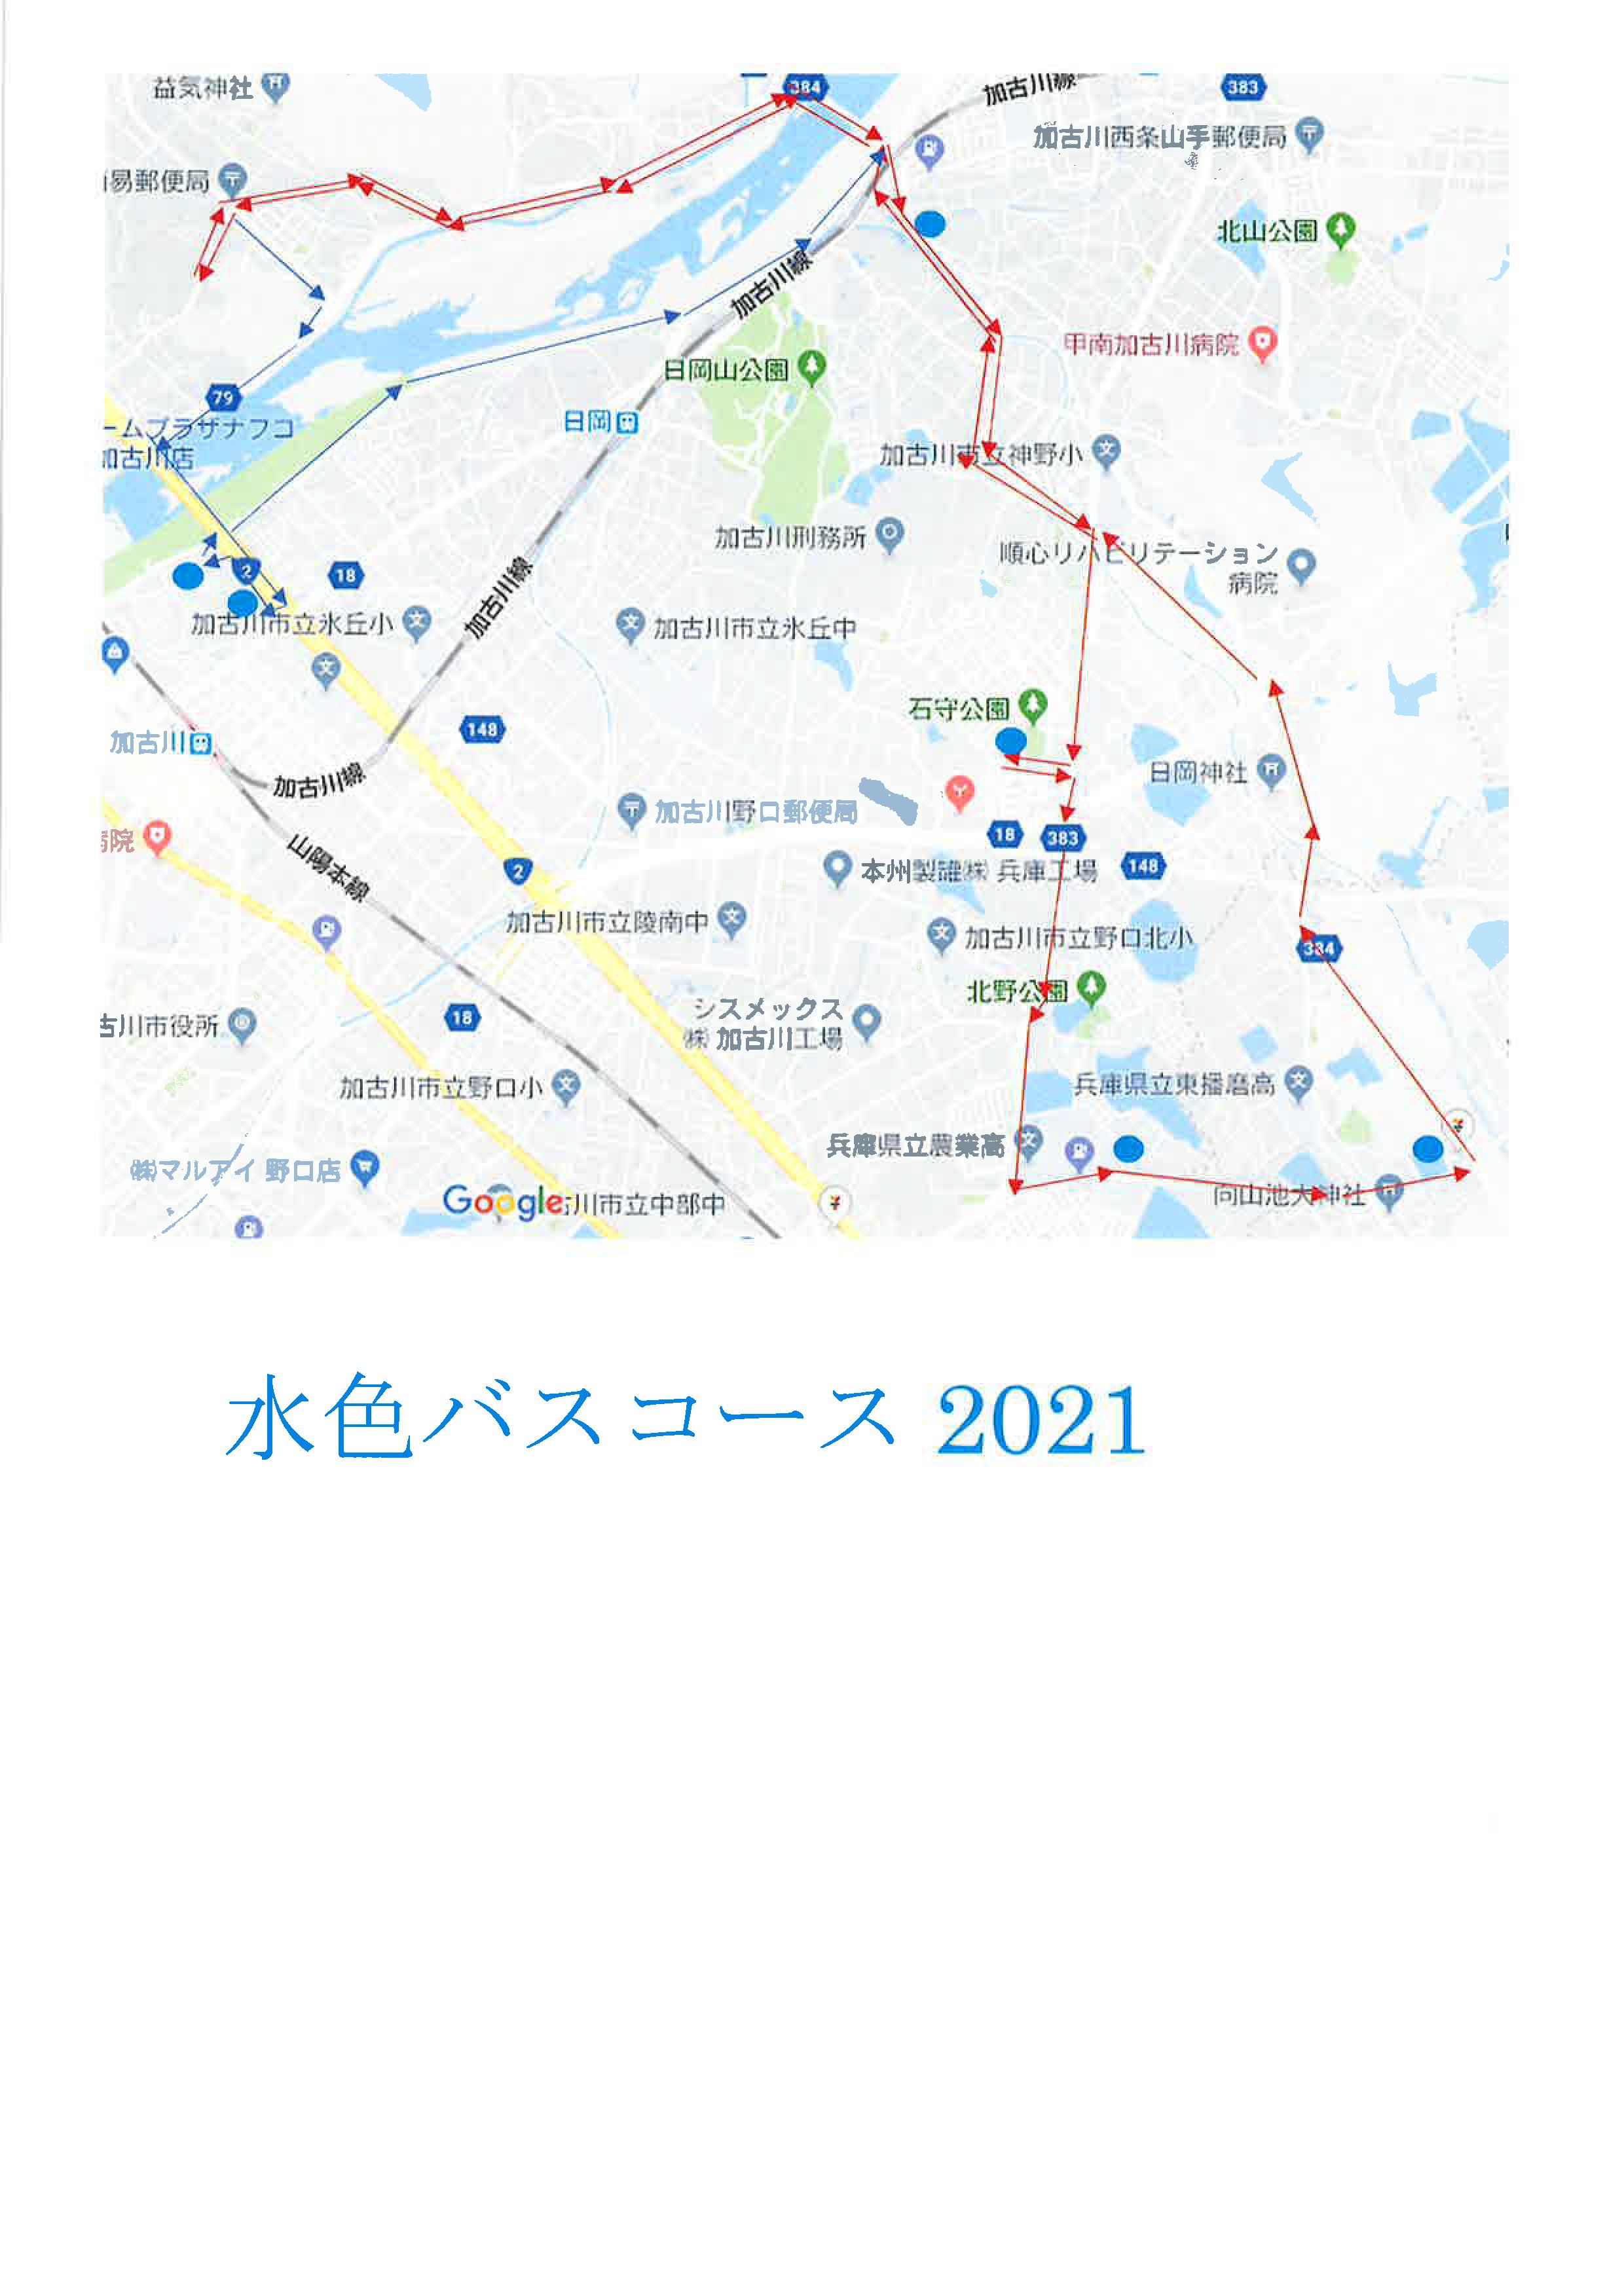 みずいろバス路線図